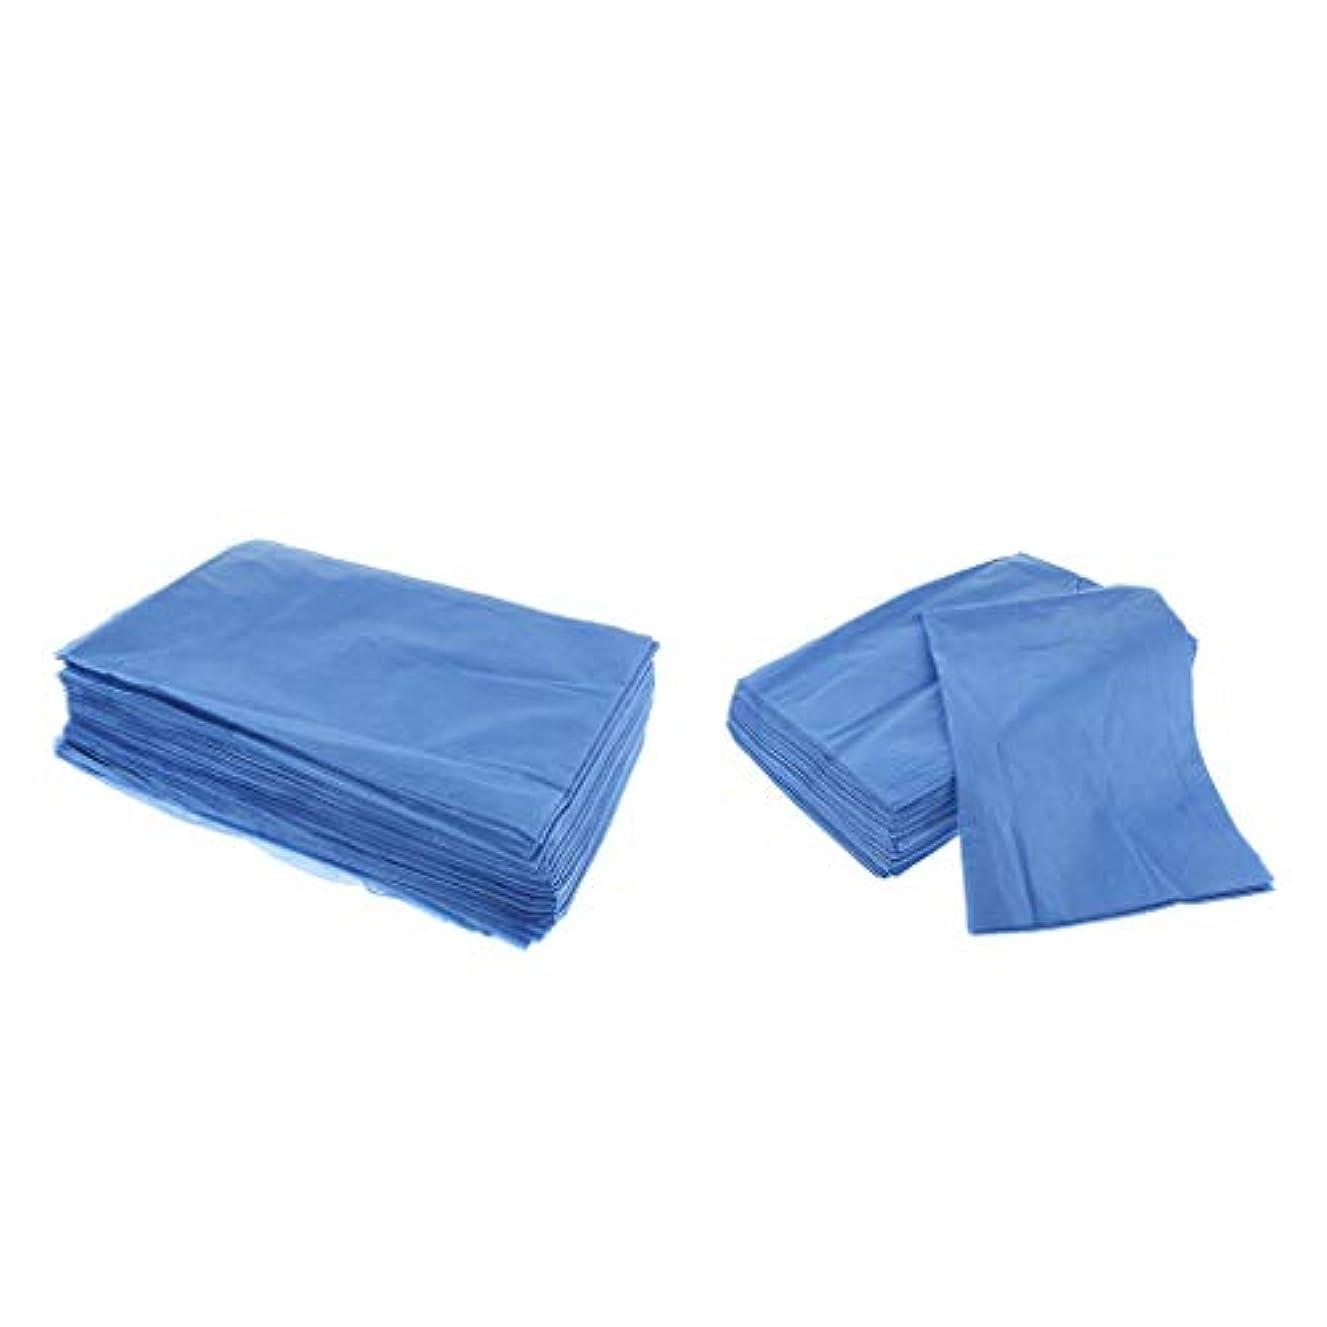 フレアモンゴメリー変色するdailymall 40ピース使い捨て防水美容マッサージサロンホテルベッドパッドカバーシート-ブルー-31.5 X 70.9インチ